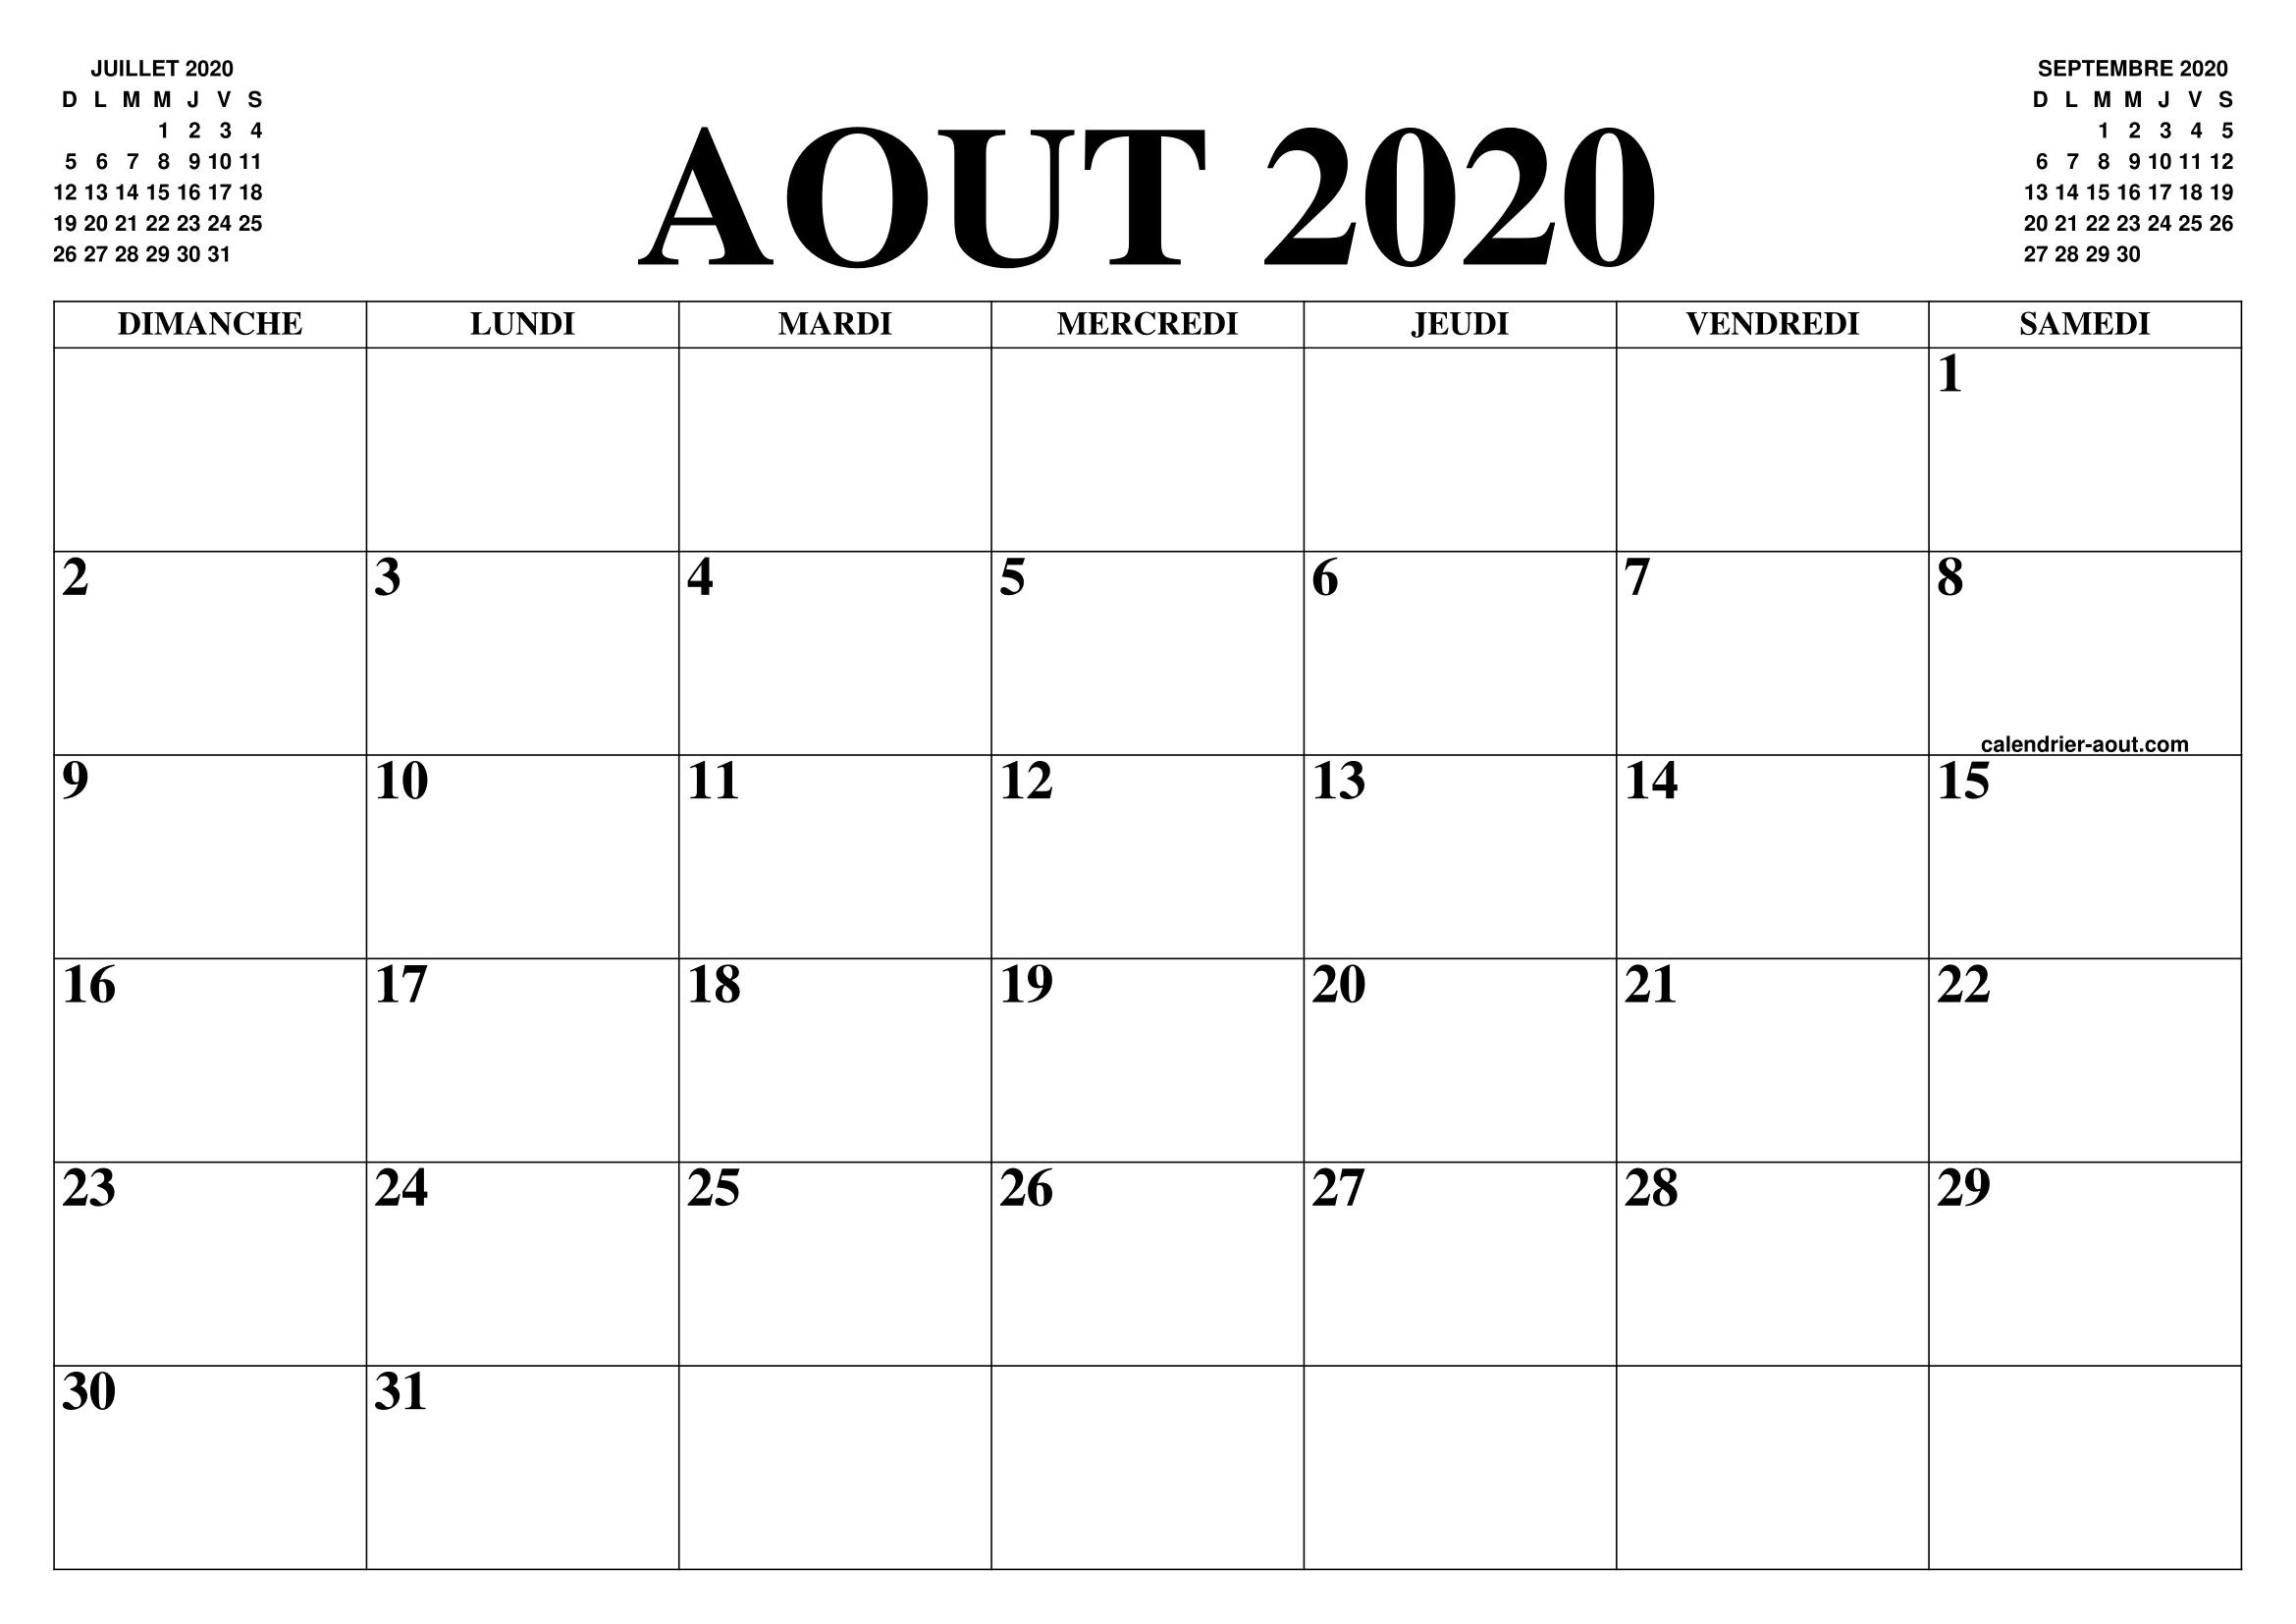 Calendrier Juillet 2020 A Imprimer Gratuit.Calendrier Aout 2020 Le Calendrier Du Mois De Aout Gratuit